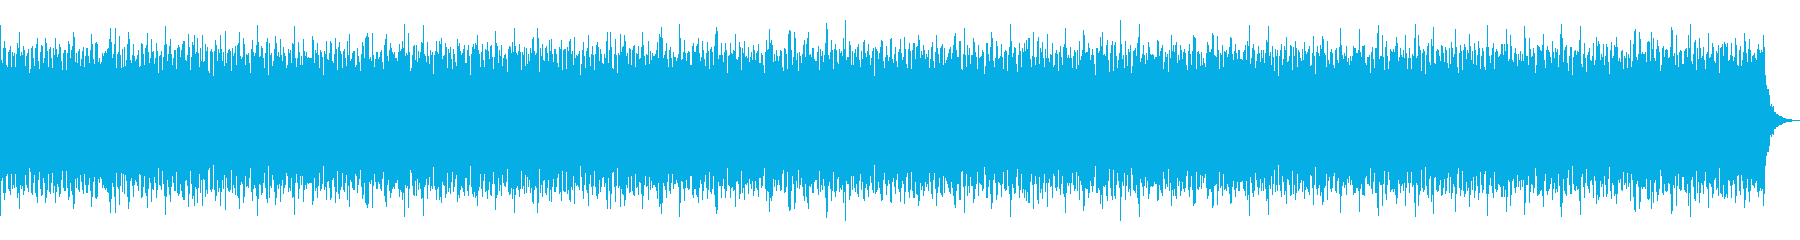 オルガンの爽やかでおしゃれなBGMの再生済みの波形